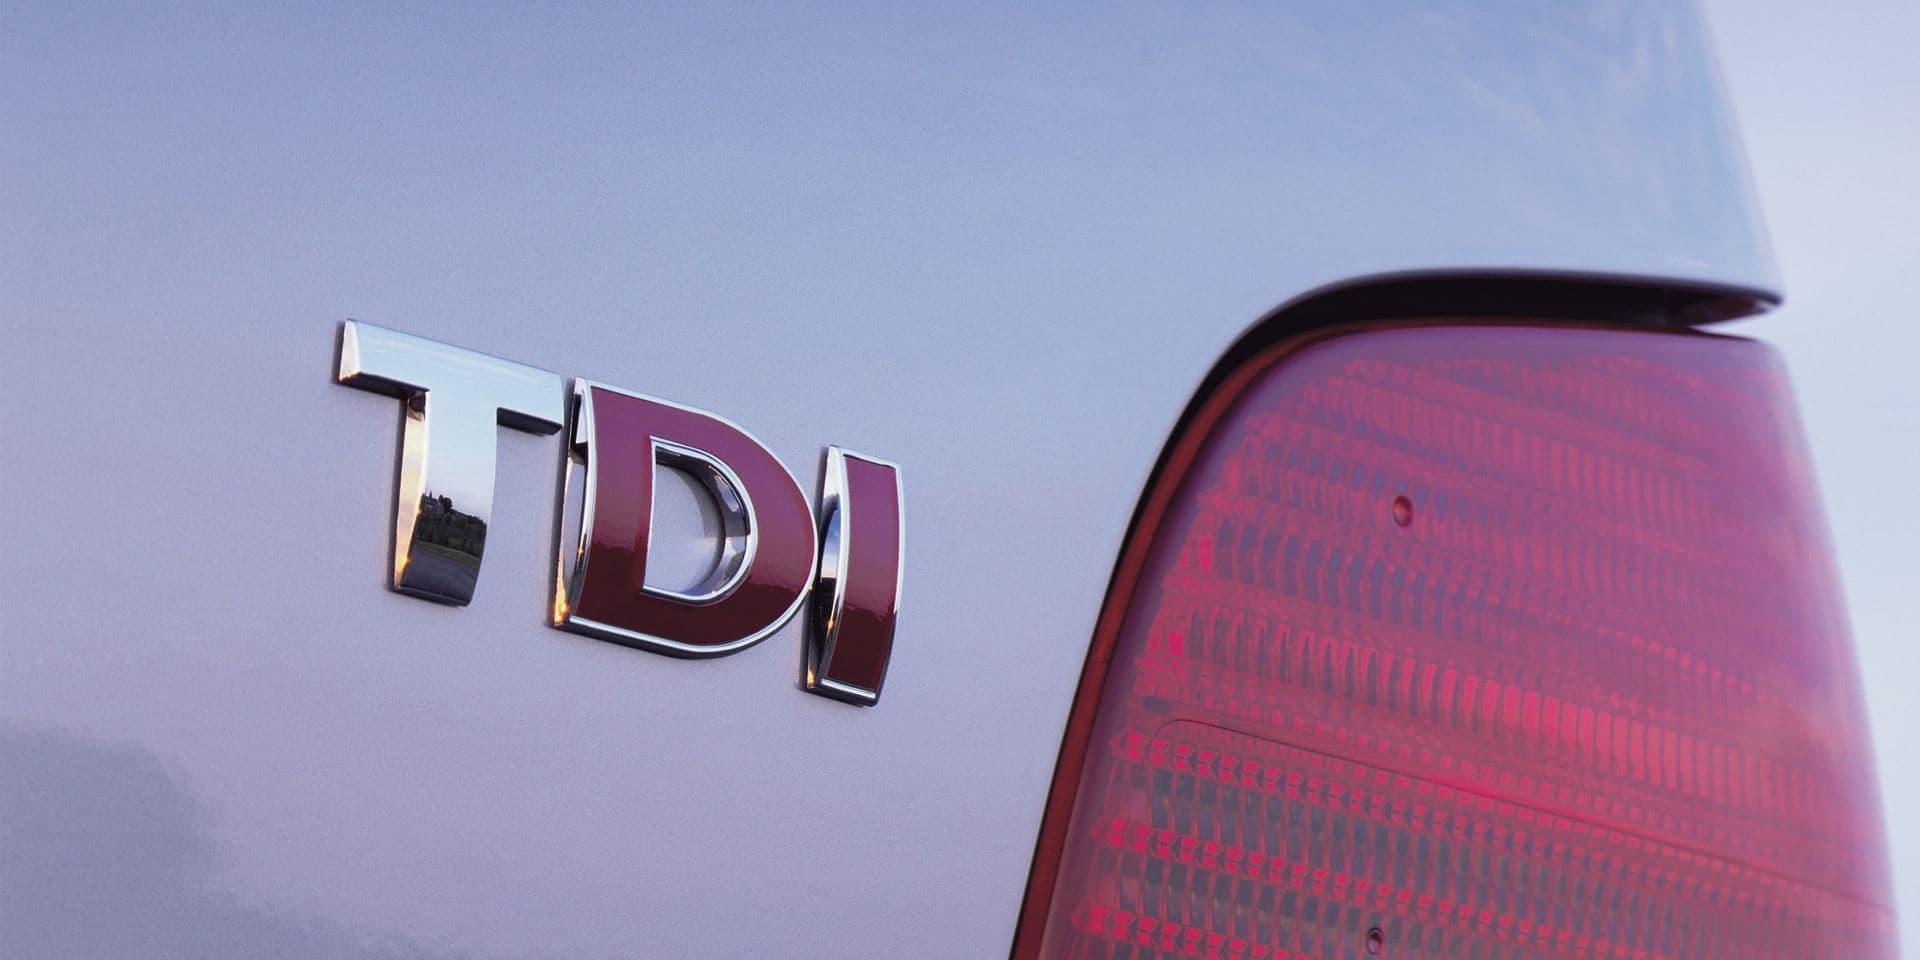 Les ventes de voitures diesel s'écroulent en Belgique, l'électrique décolle enfin